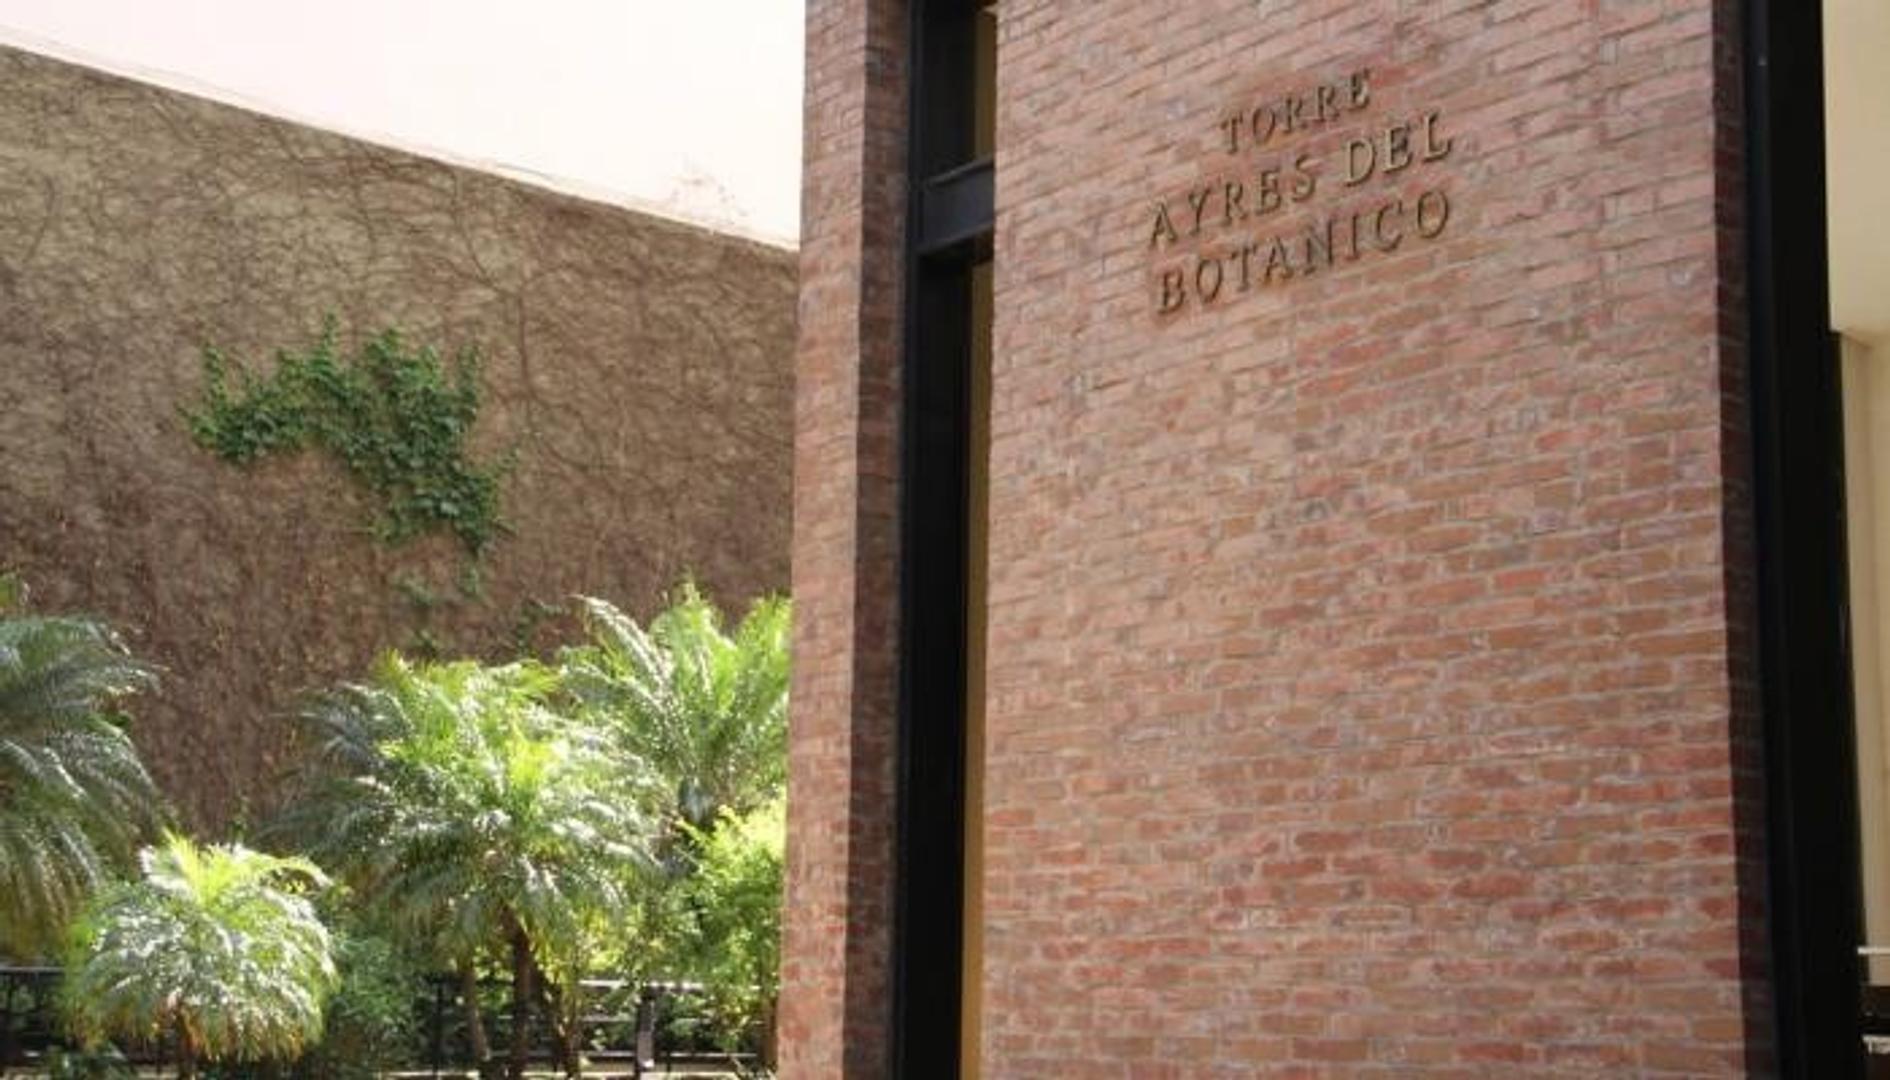 Departamento en Alquiler en Botanico - 3 ambientes